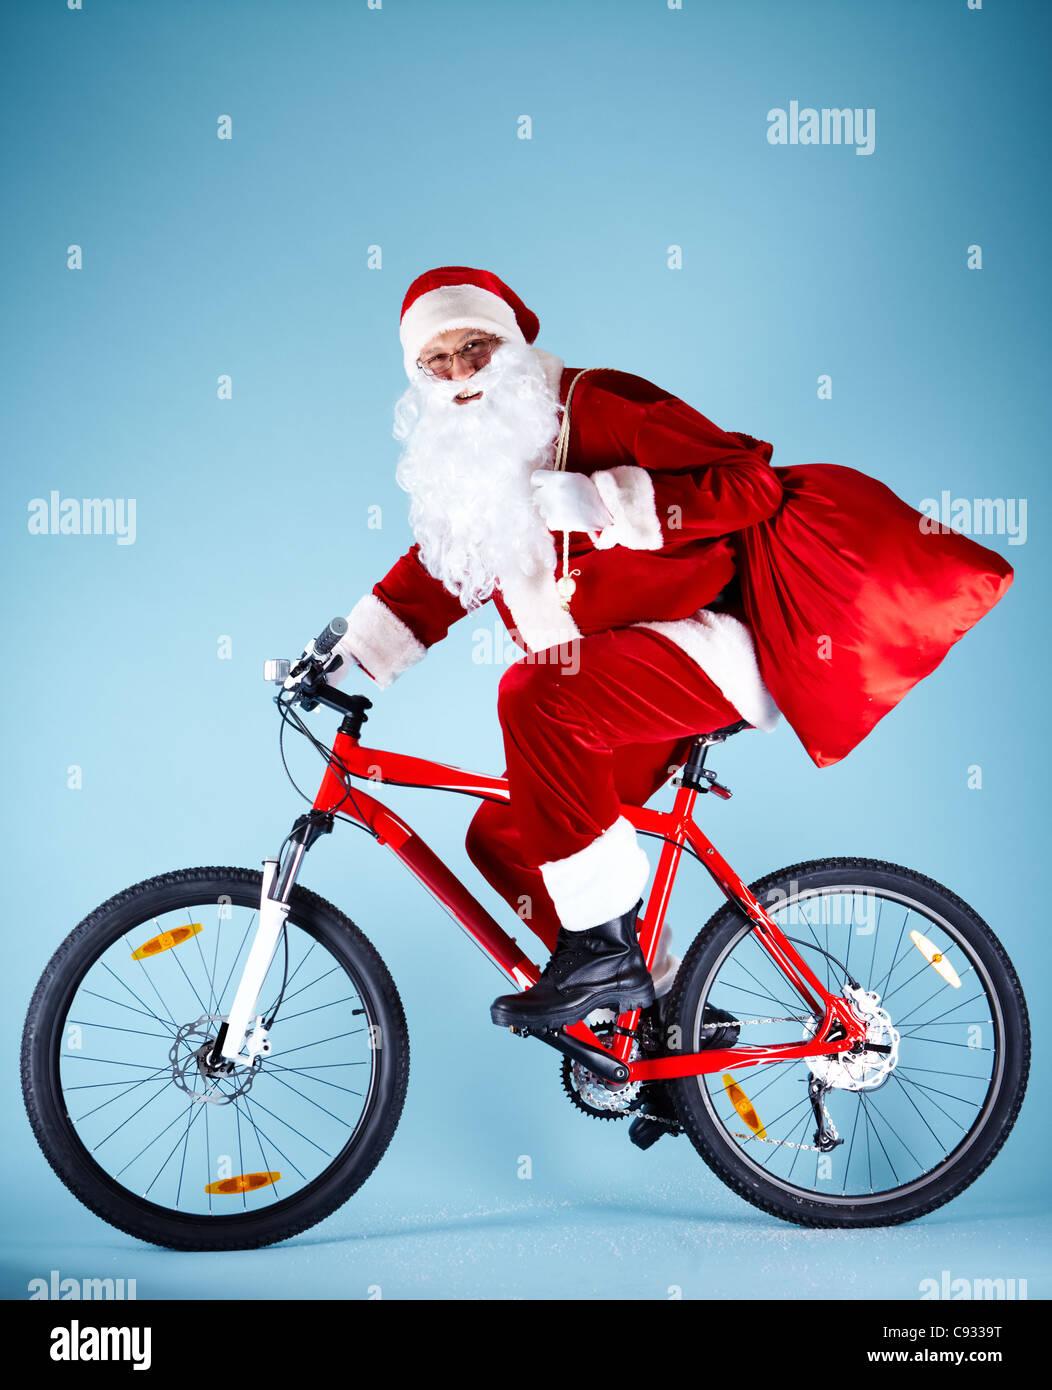 Babbo Natale In Bicicletta.Foto Di Felice Babbo Natale Con Sacco Rosso Bicicletta Equitazione